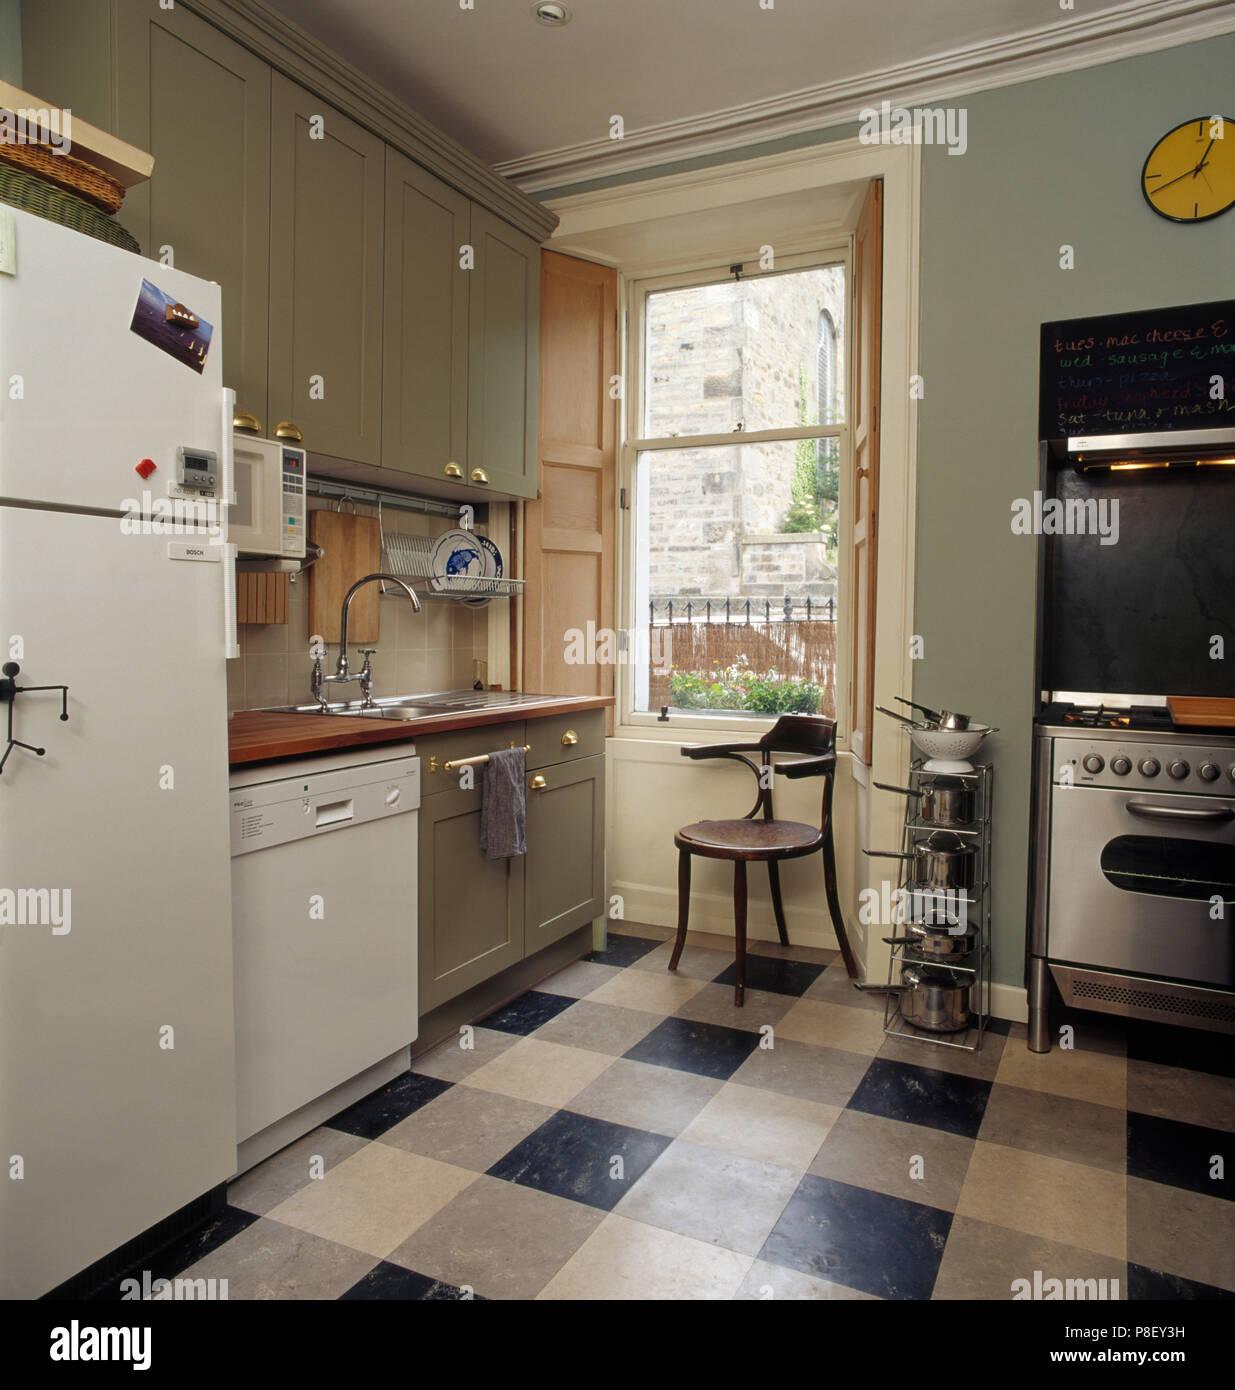 Vinyl checkrboard Bodenbeläge in einem Stadthaus Küche mit ...